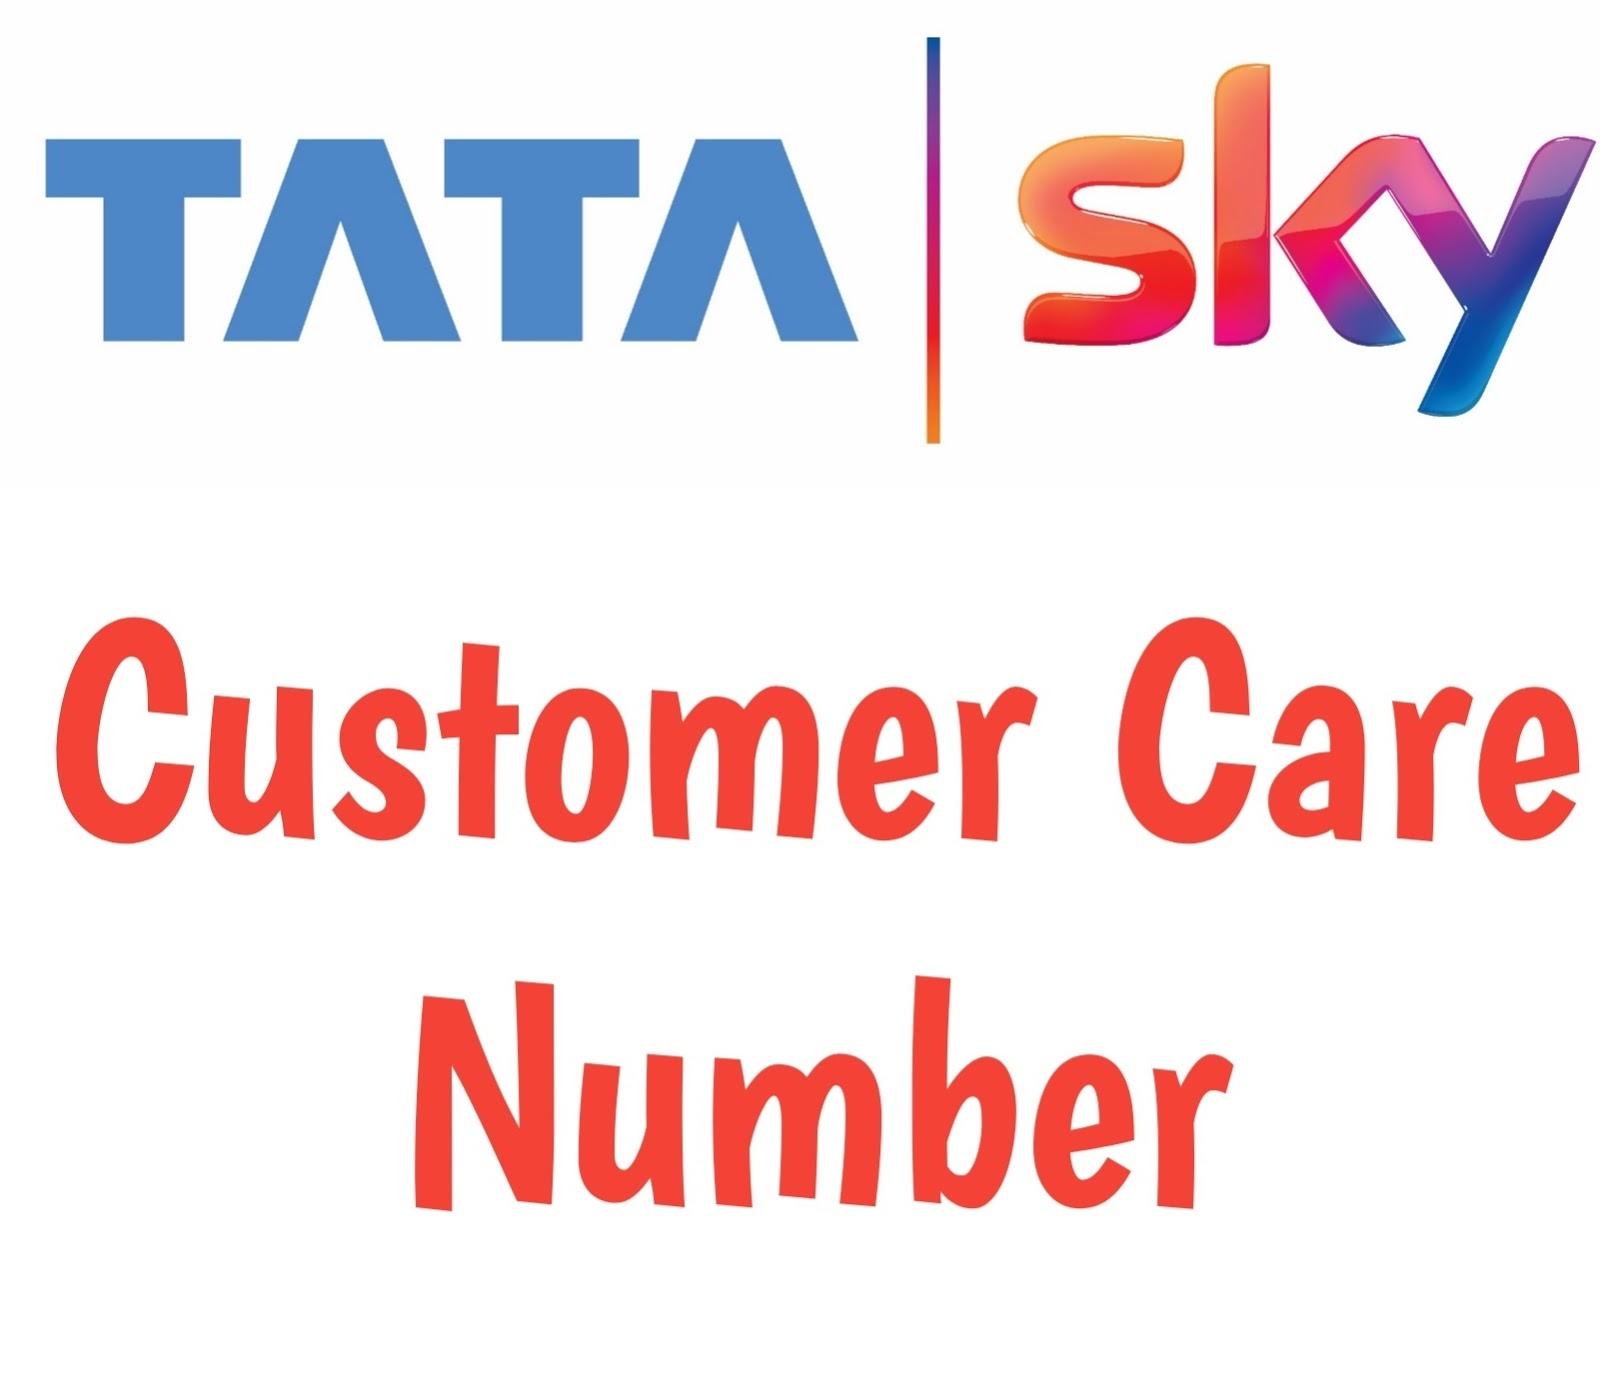 Tech Net India Guide Tata Sky Customer Care Number Tata Sky All New Customer Care No À¤Ÿ À¤Ÿ À¤¸ À¤• À¤ˆ À¤¨ À¤¬à¤°